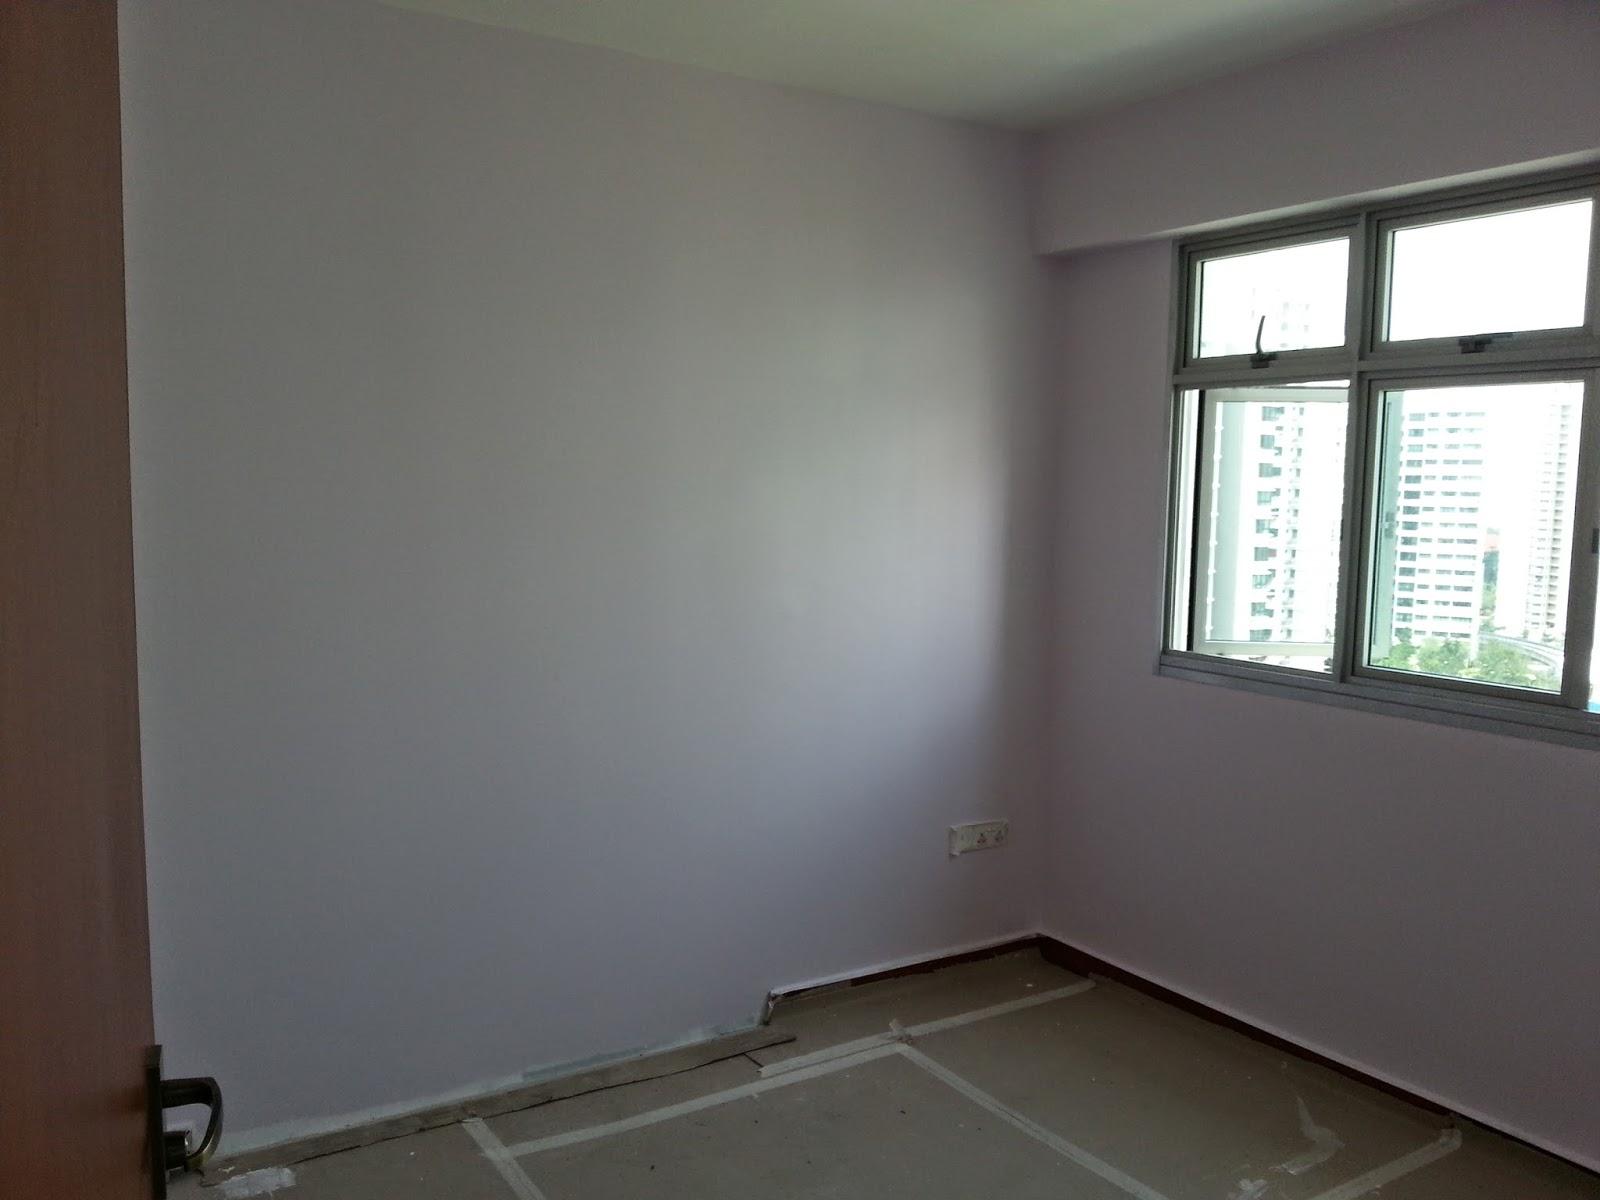 Hdb 2 Room Bto Renovation Small Space Big Ideas Hdb 2